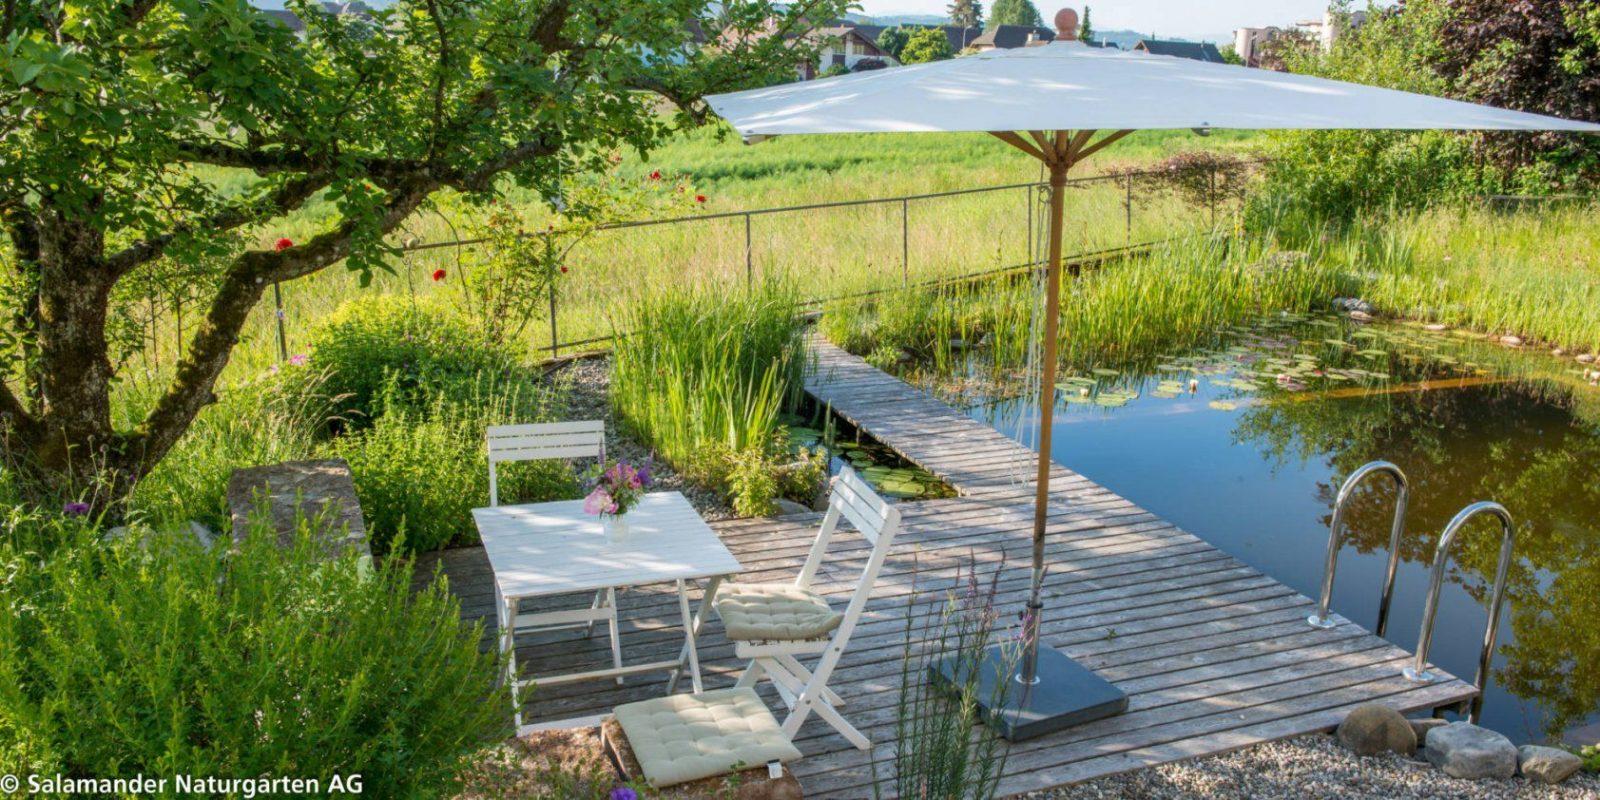 Naturgarten Gestalten Elegant Naturgarten  Queerlandia von Naturgarten Anlegen Bepflanzen Gestalten Photo